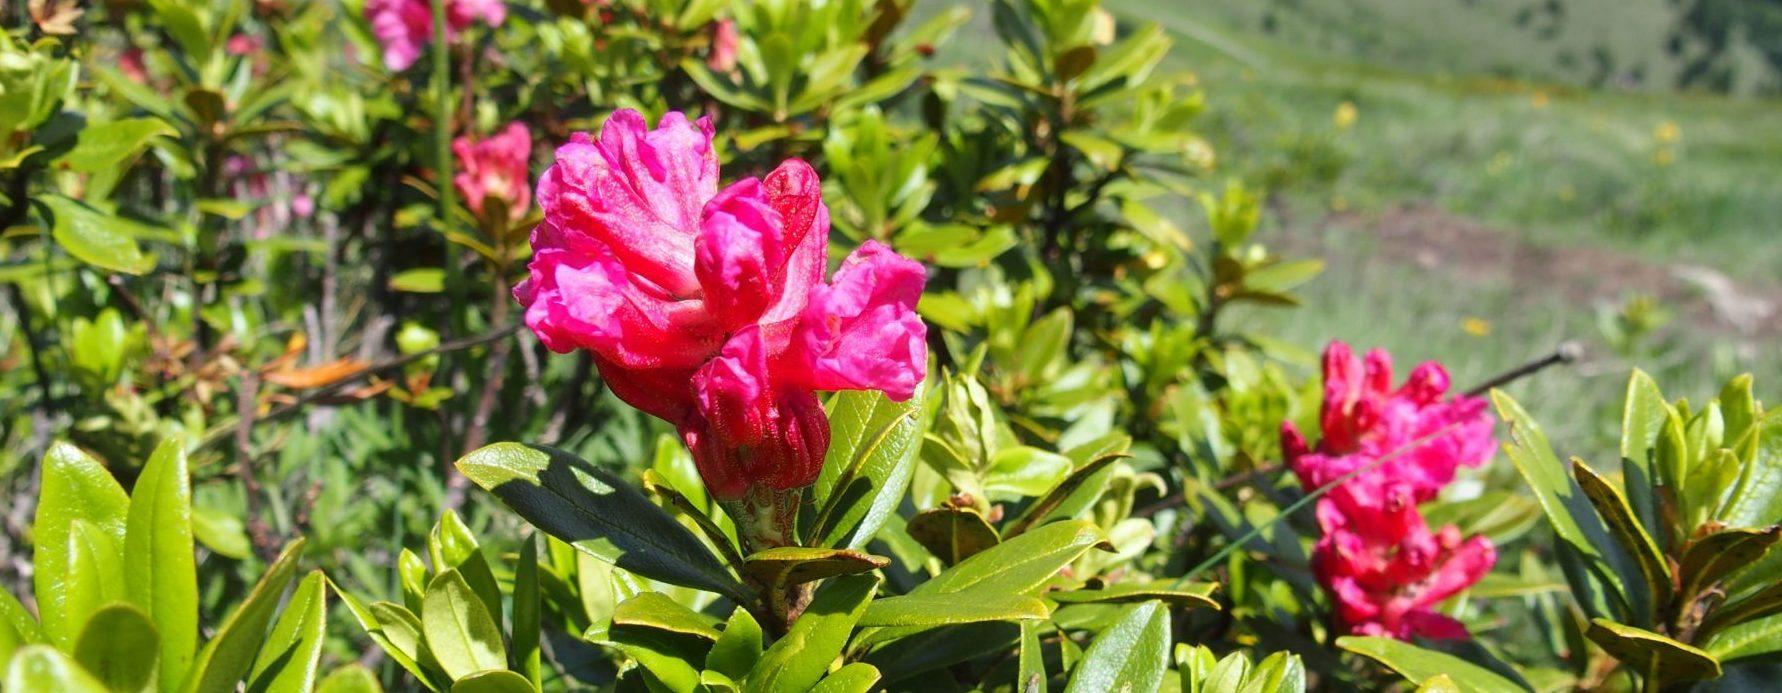 rododendro, massima fioritura a luglio sulle pendici del latemar in val di fiemme, trentino